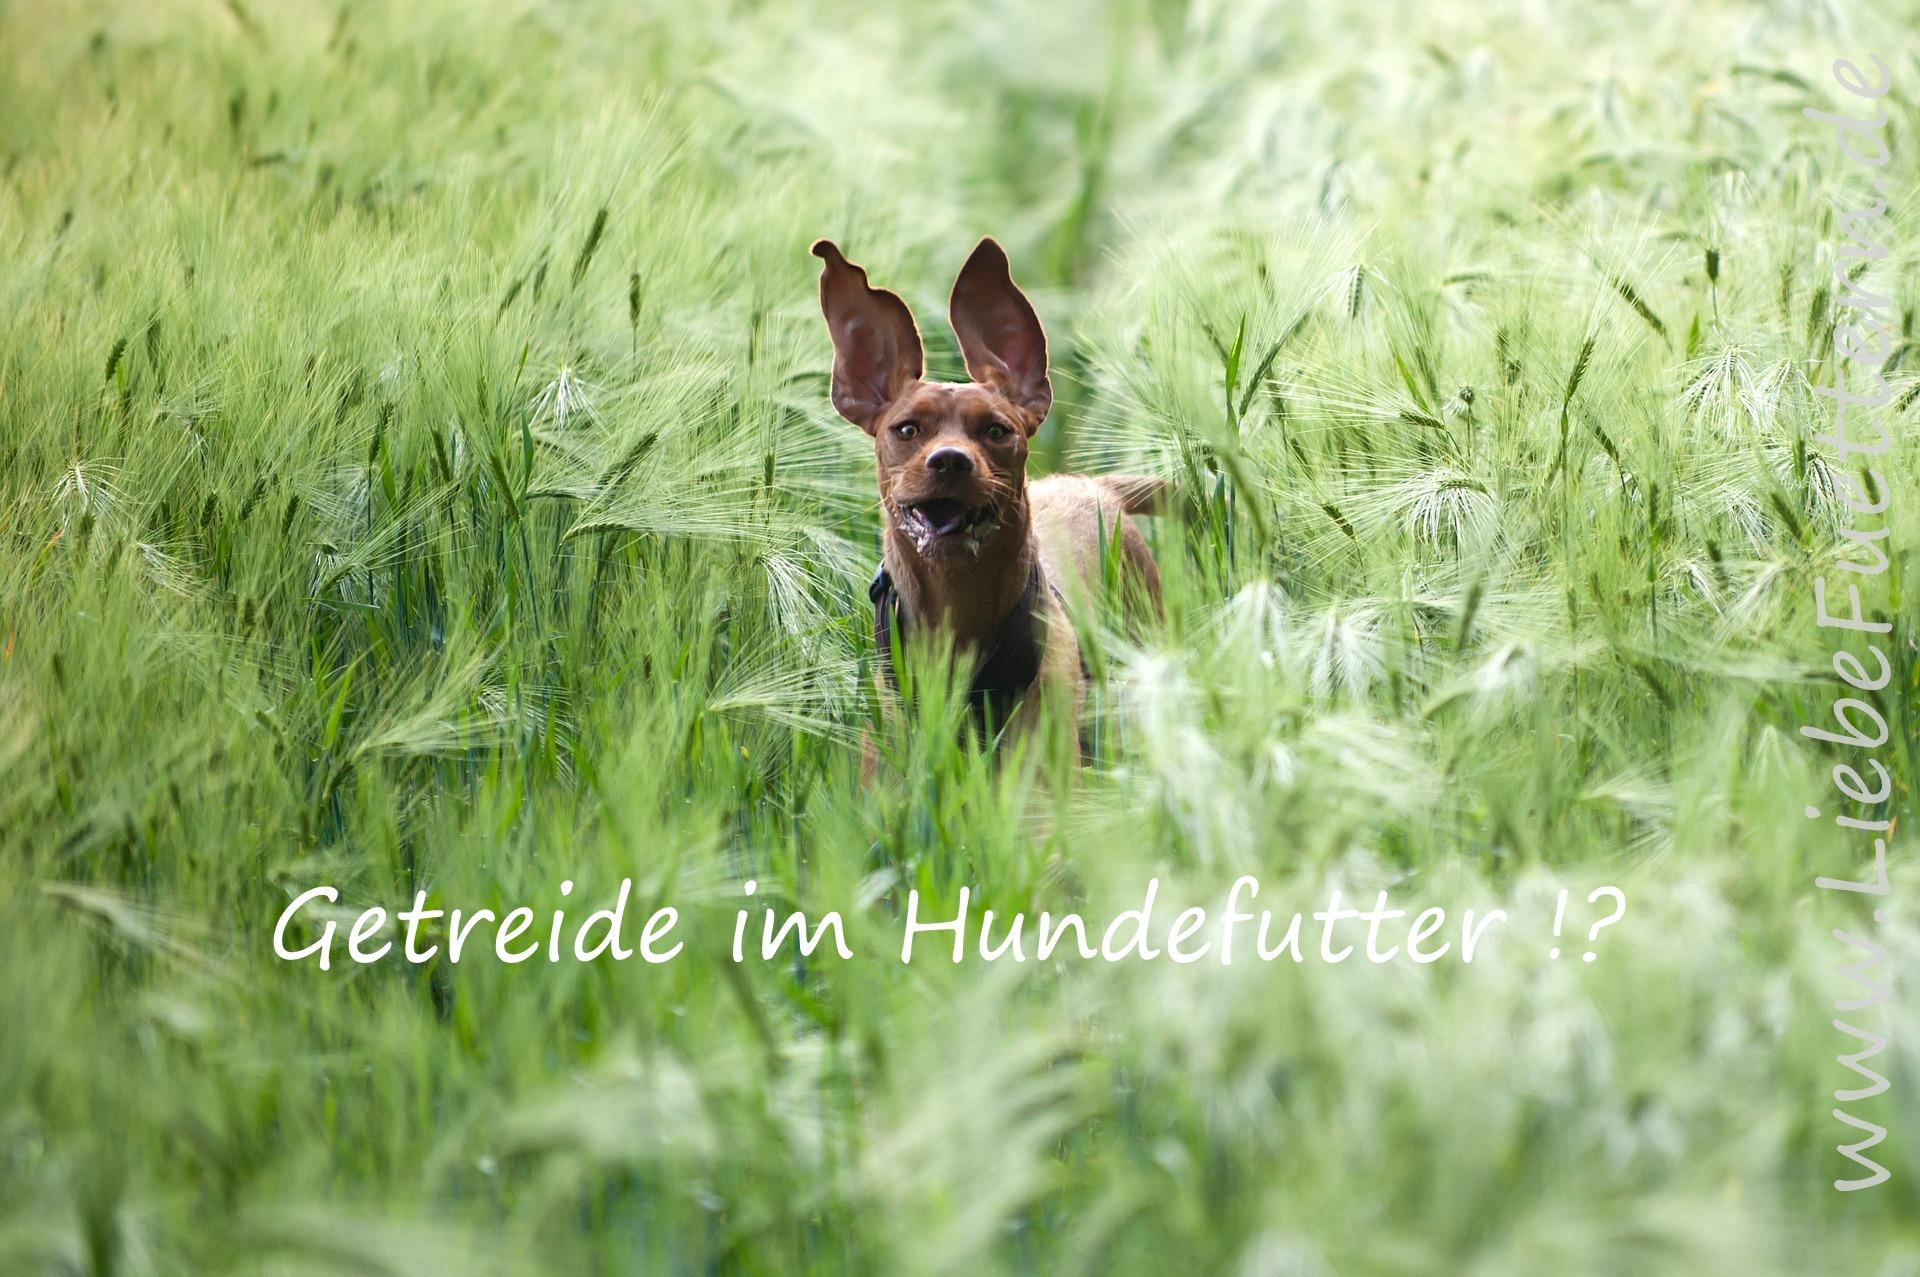 Getreide im Hundefutter - getreidefreies Hundefutter !?